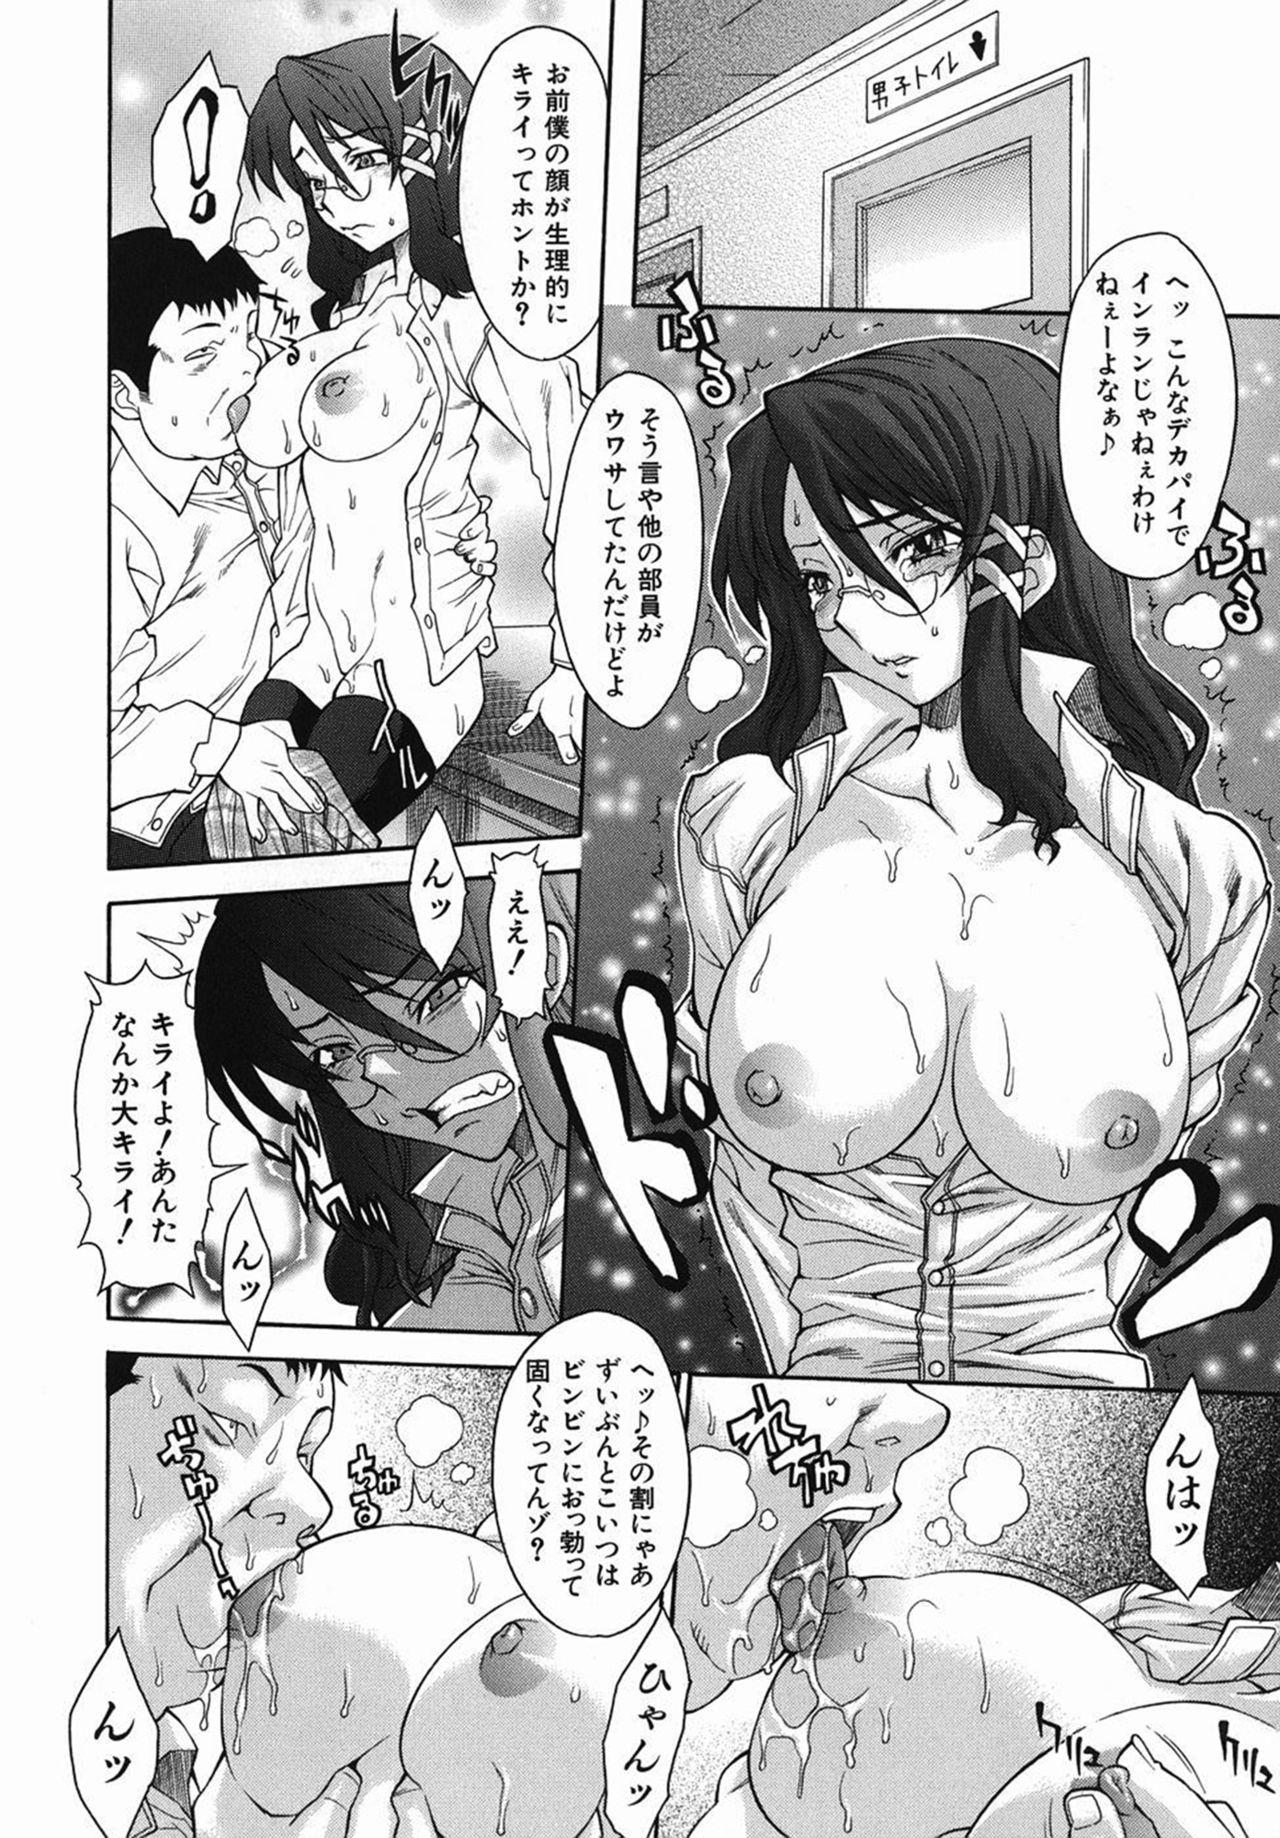 Shi-sen 11